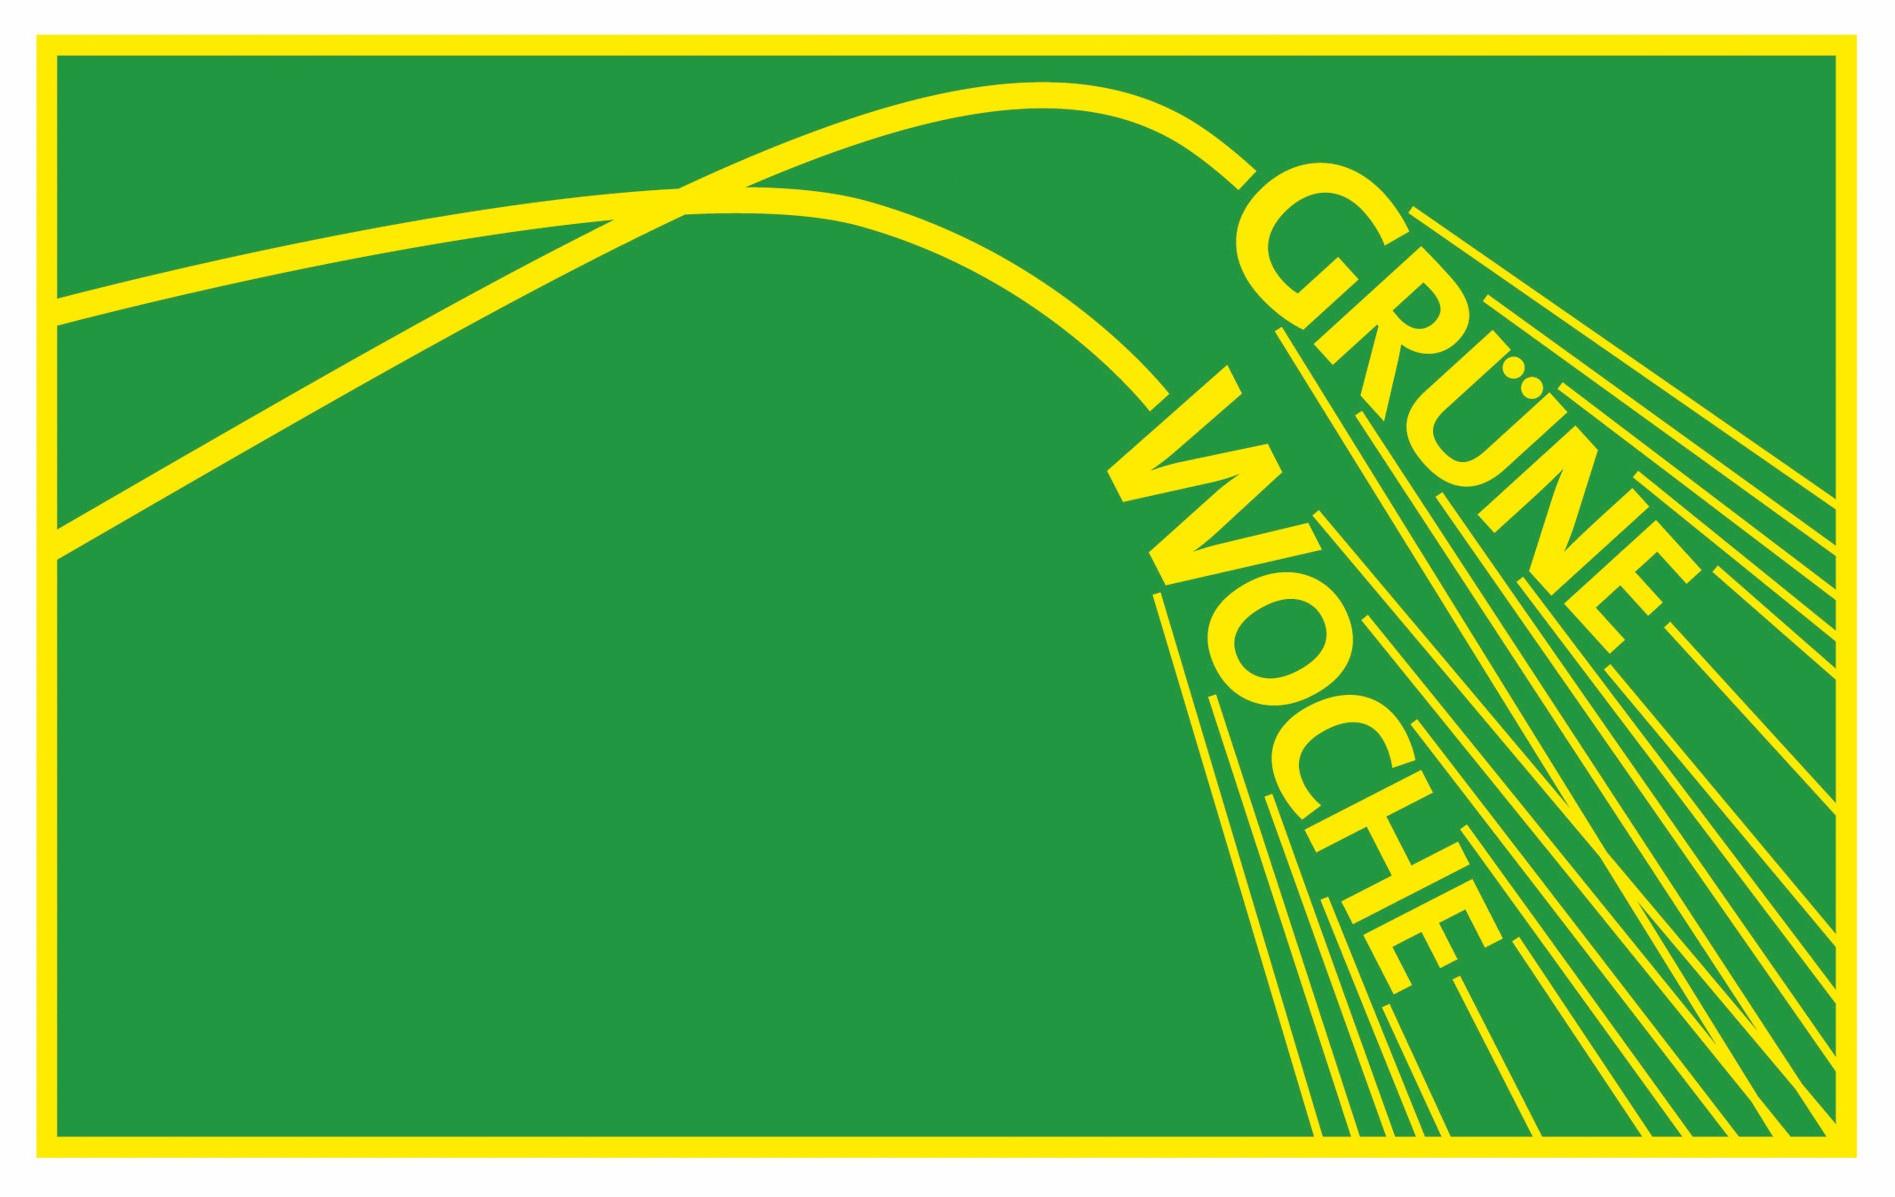 2 Happy Hour Tickets zum Preis von 1 (10€ statt 20€) für die Grüne Woche in Berlin 22.01-25.01. DANK HERTHA BSC <3